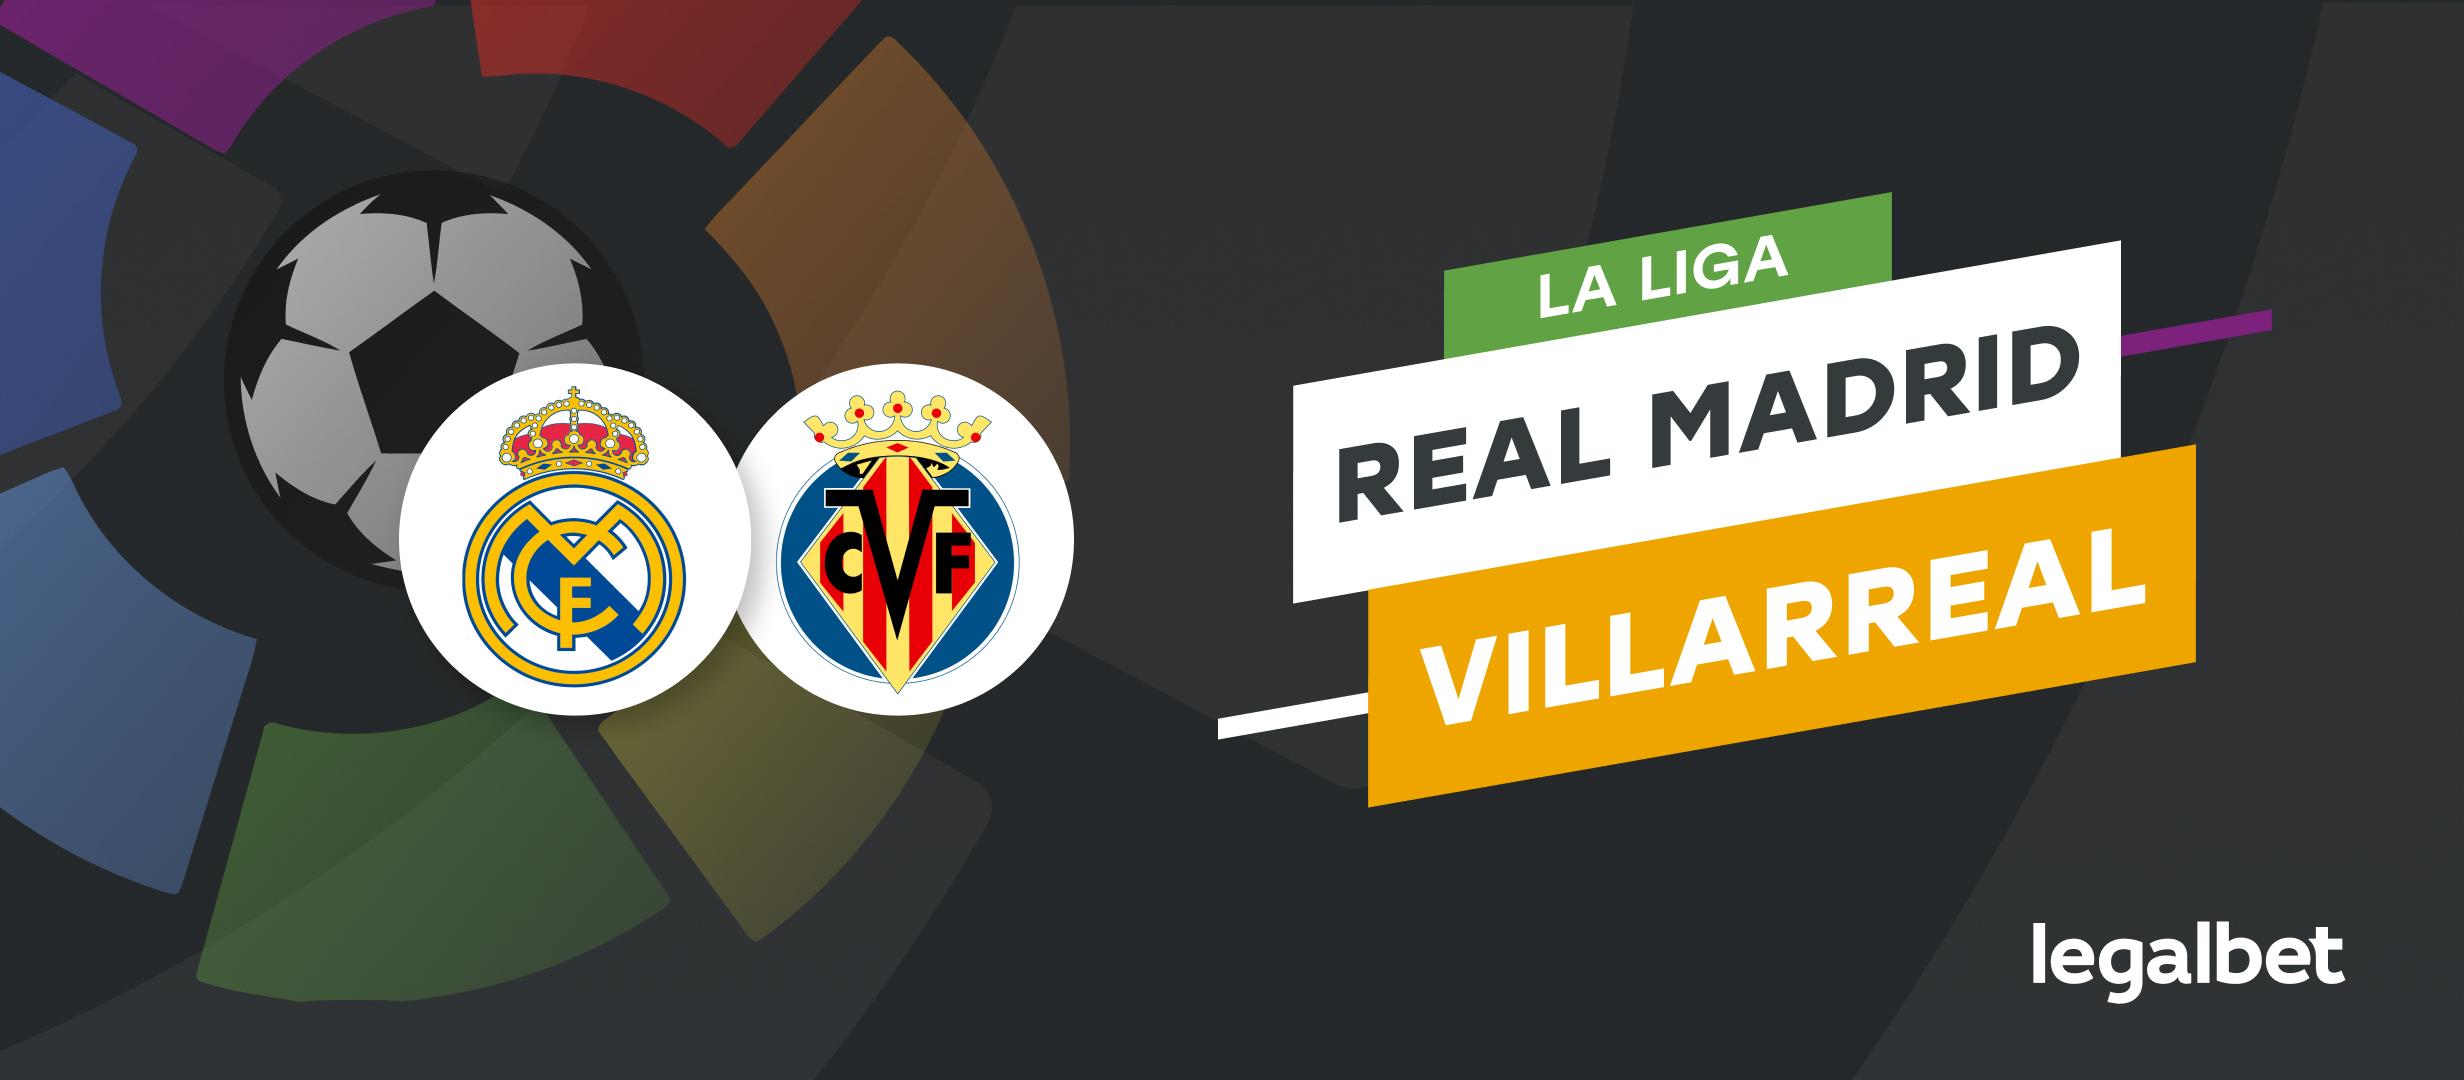 Apuestas y cuotas Real Madrid - Villarreal, La Liga 2021/22